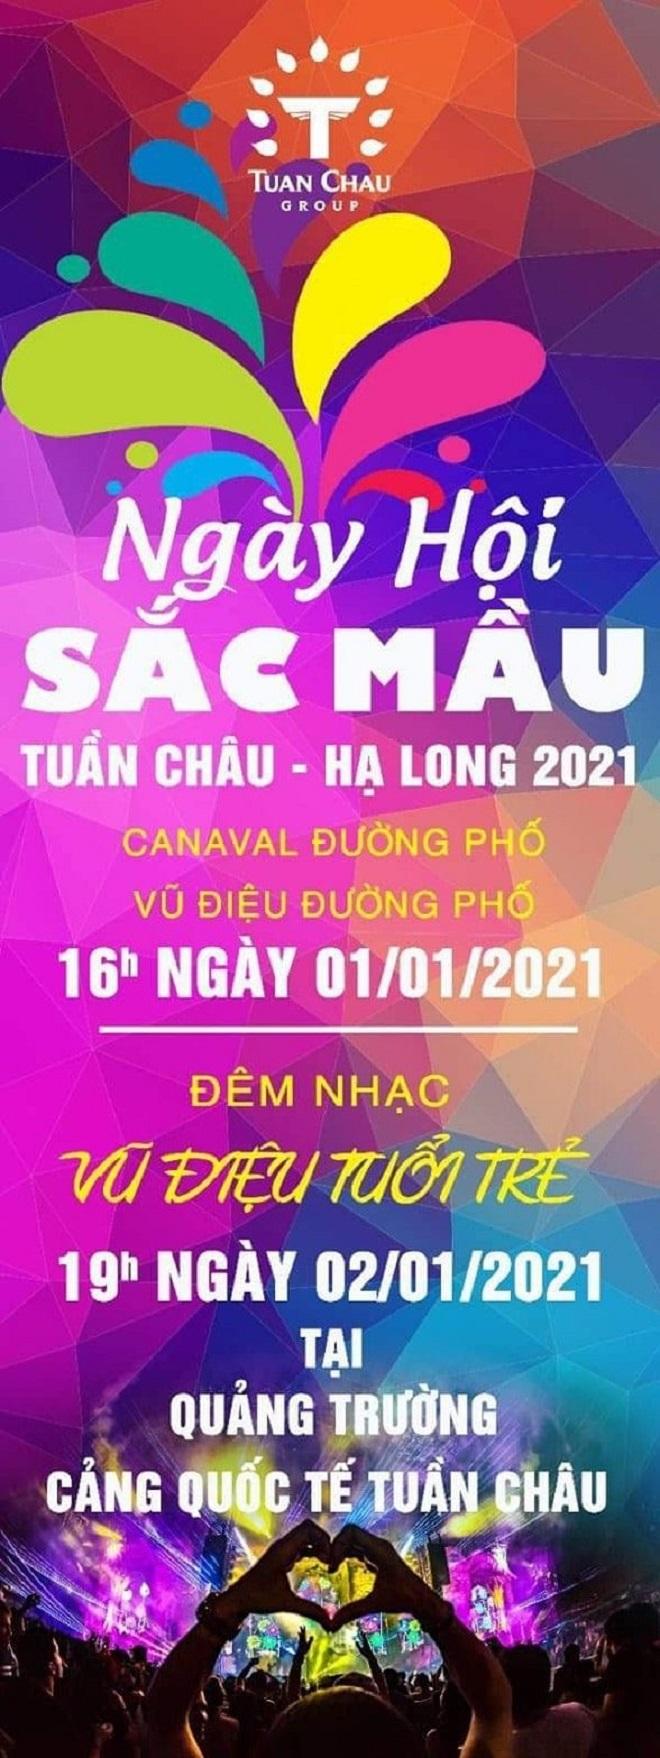 Lễ hội đường phố mùa Đông Tuần Châu - Hạ Long: Kích cầu du lịch nội địa